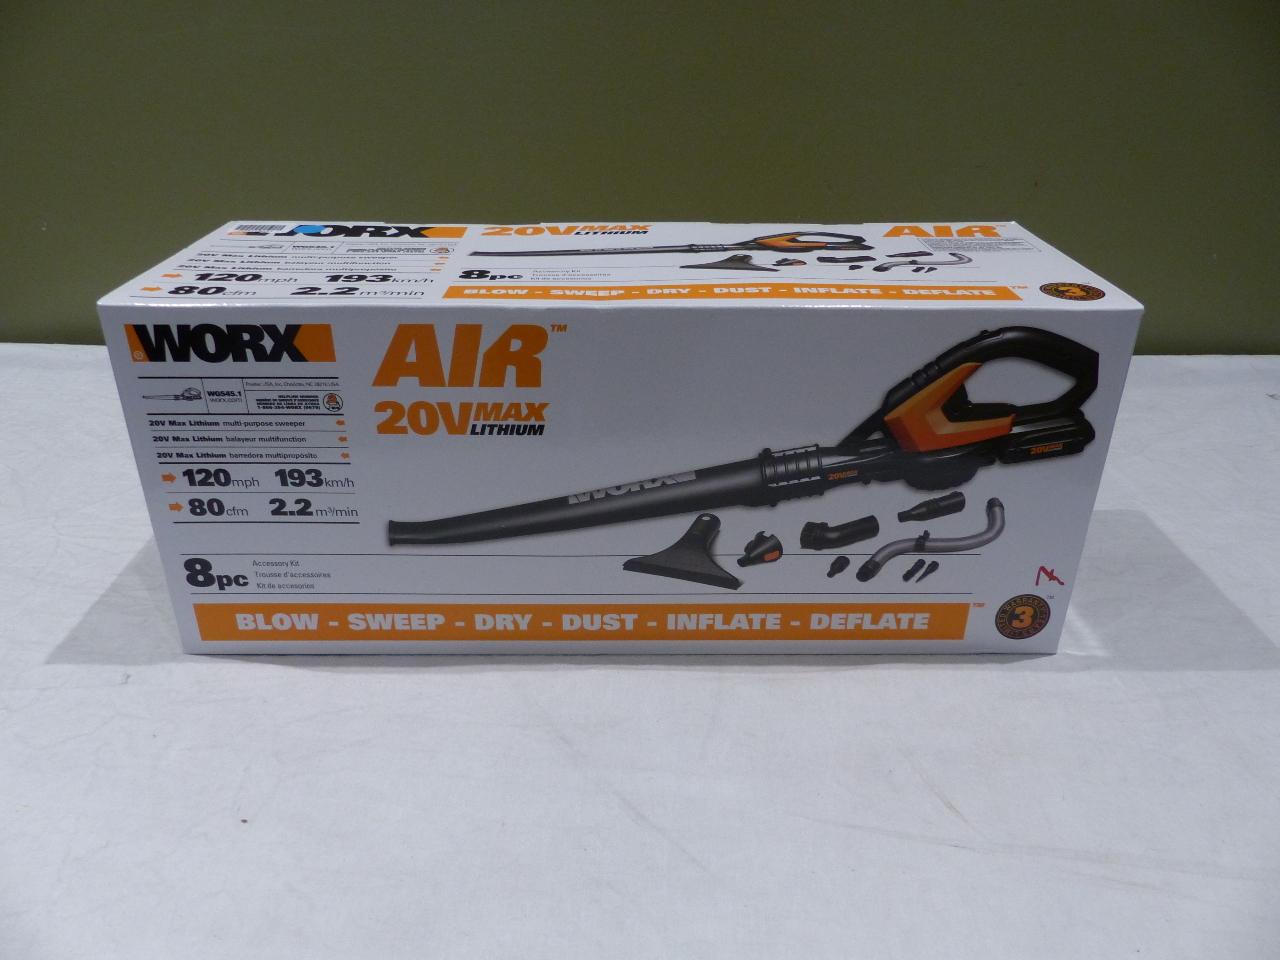 worx blower sweeper 20v 2amp lithium battery wg545 1 mdg sales llc. Black Bedroom Furniture Sets. Home Design Ideas